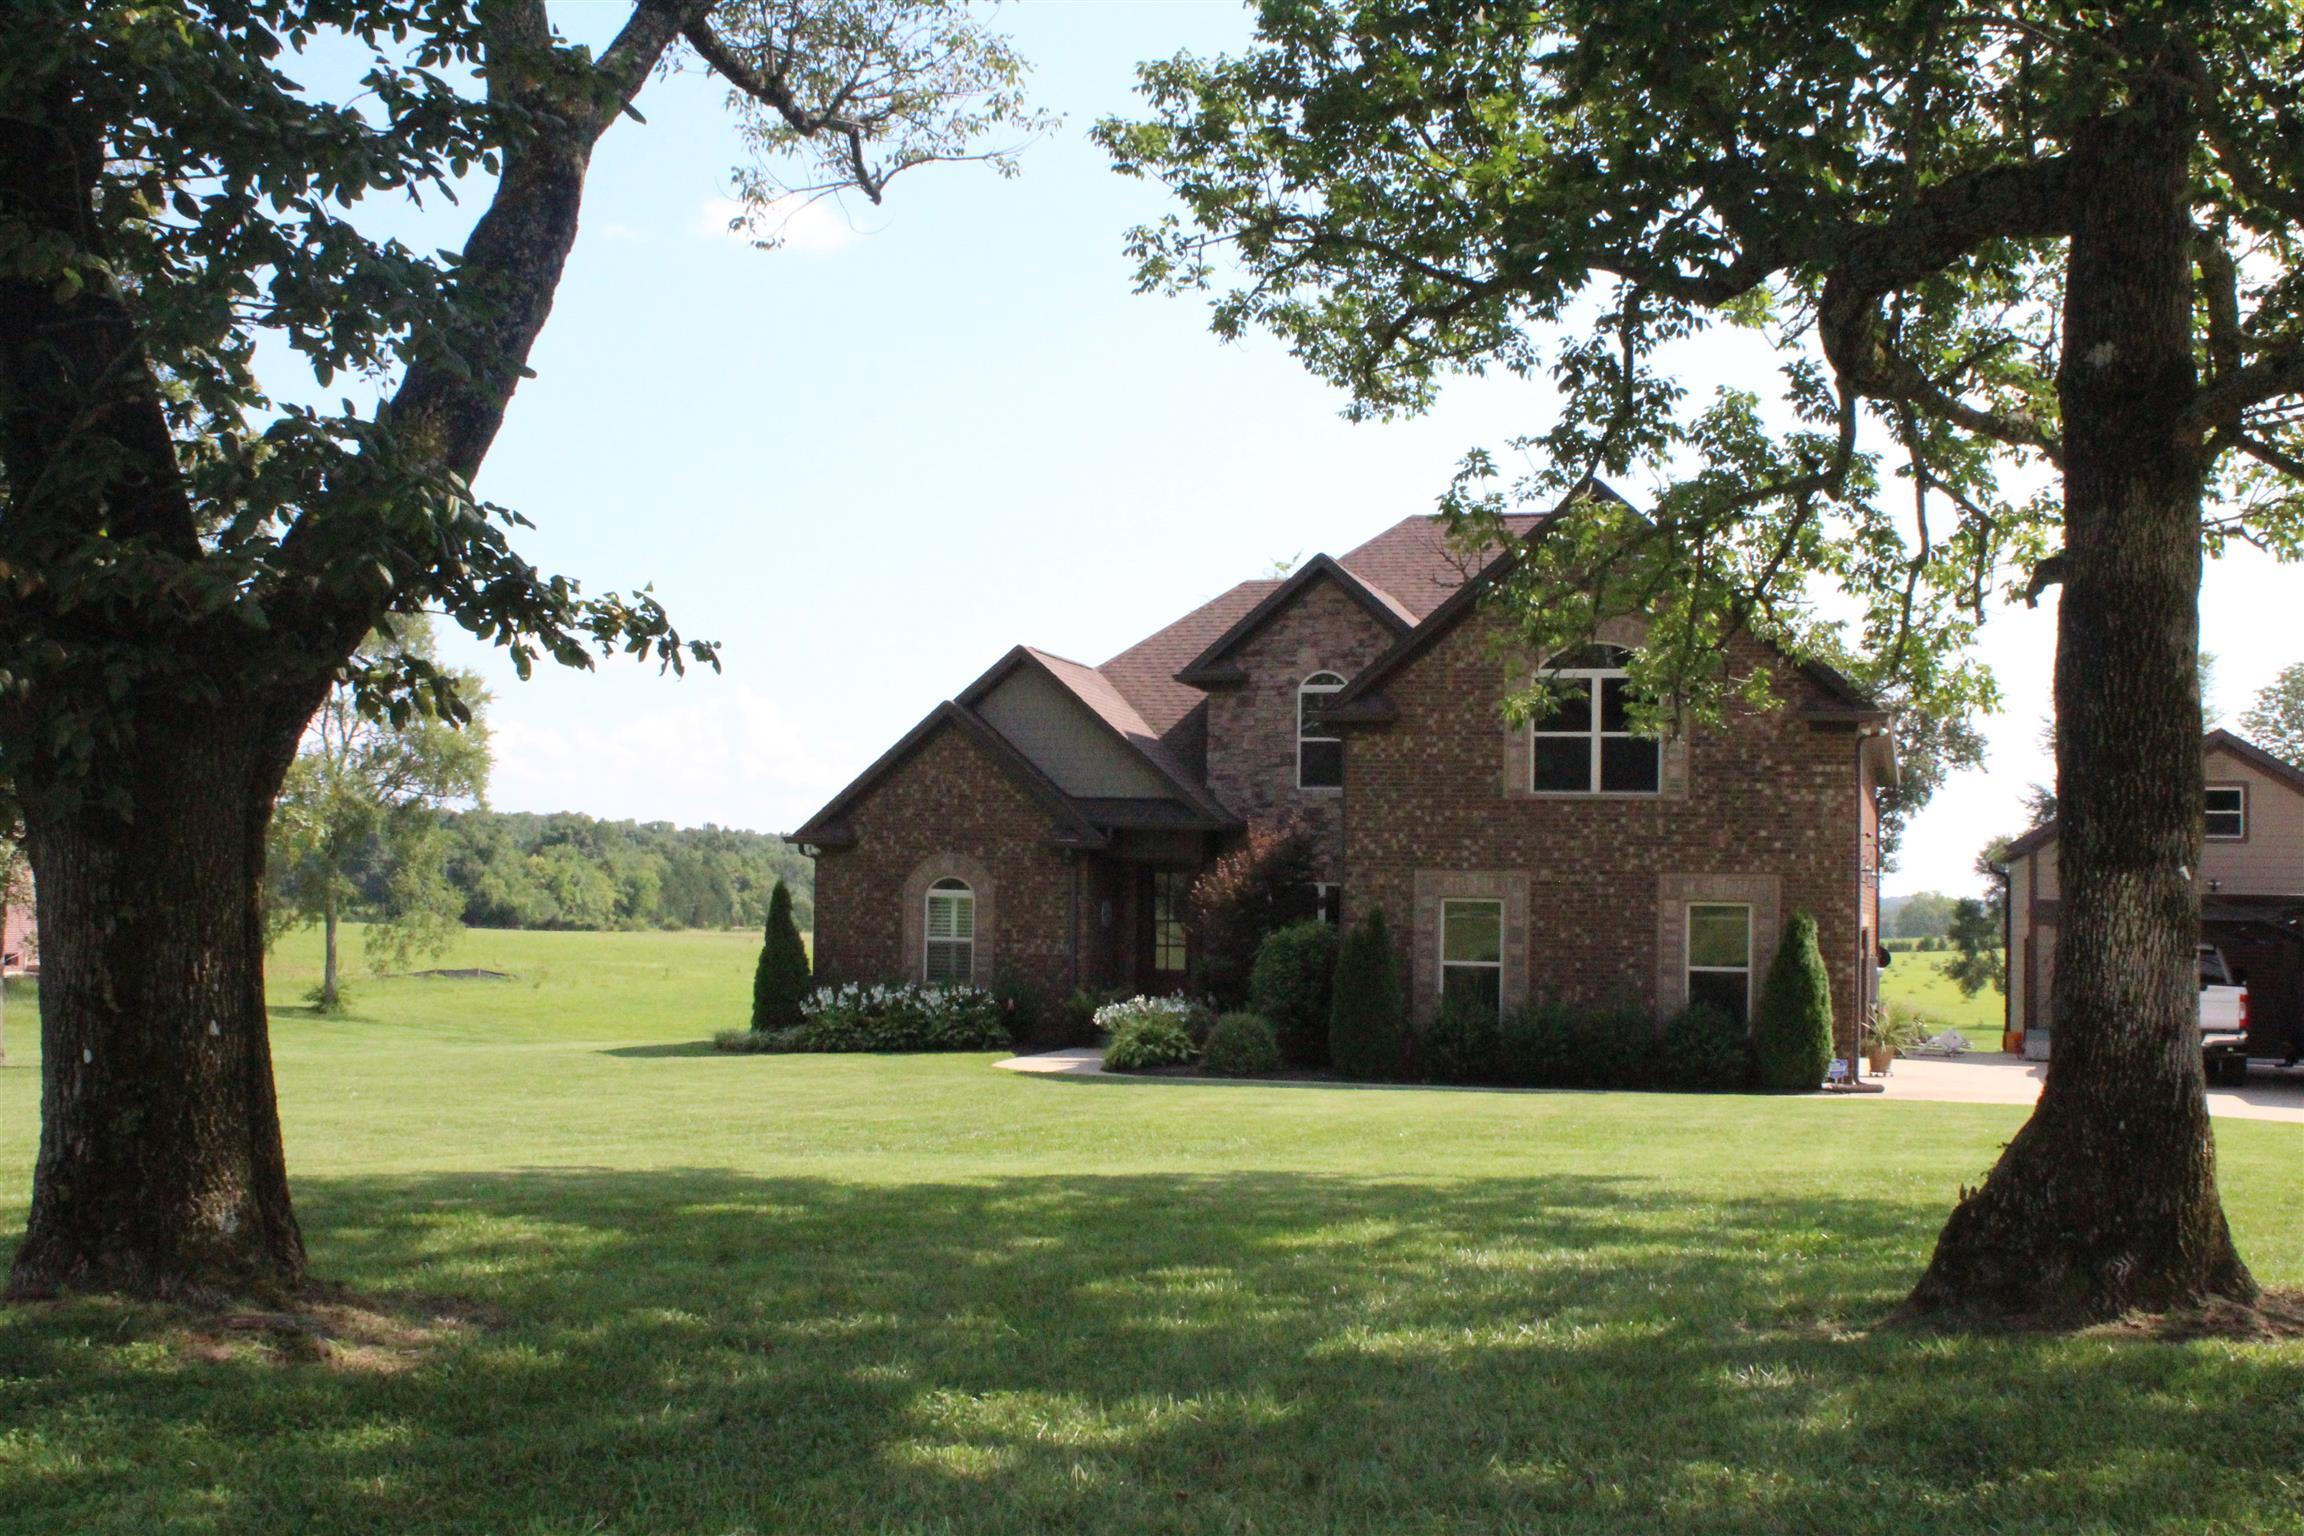 371 Dunaway Rd, Lebanon, TN 37090 - Lebanon, TN real estate listing